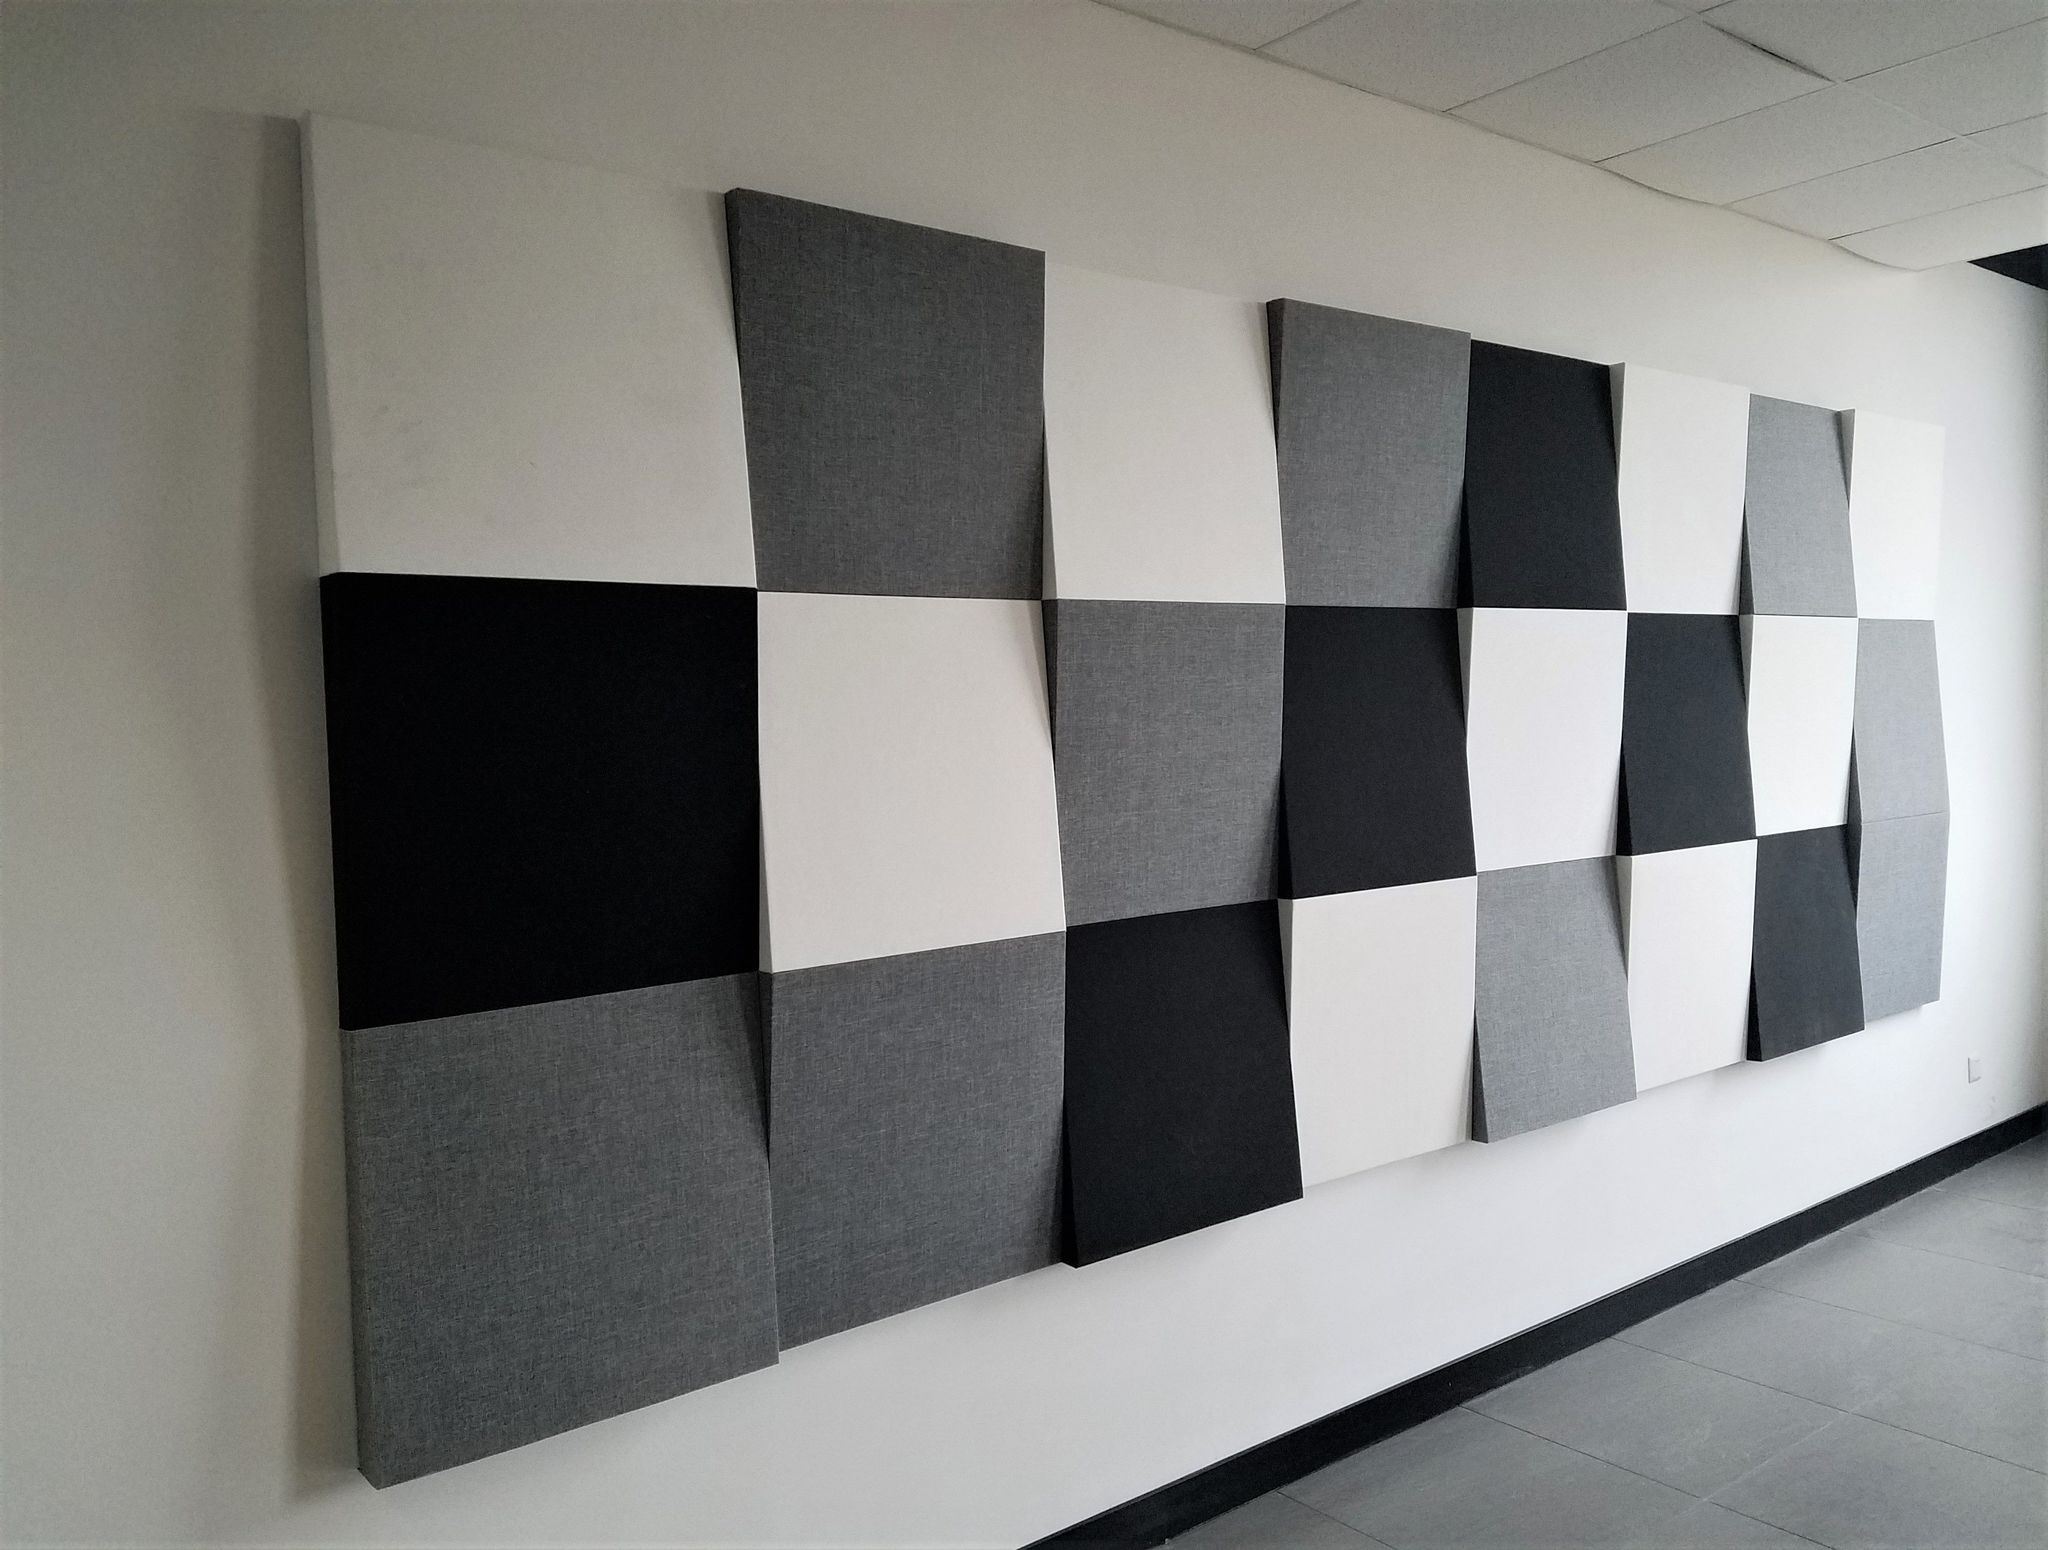 Акустические панели звукопоглощающие и звукоизоляционные